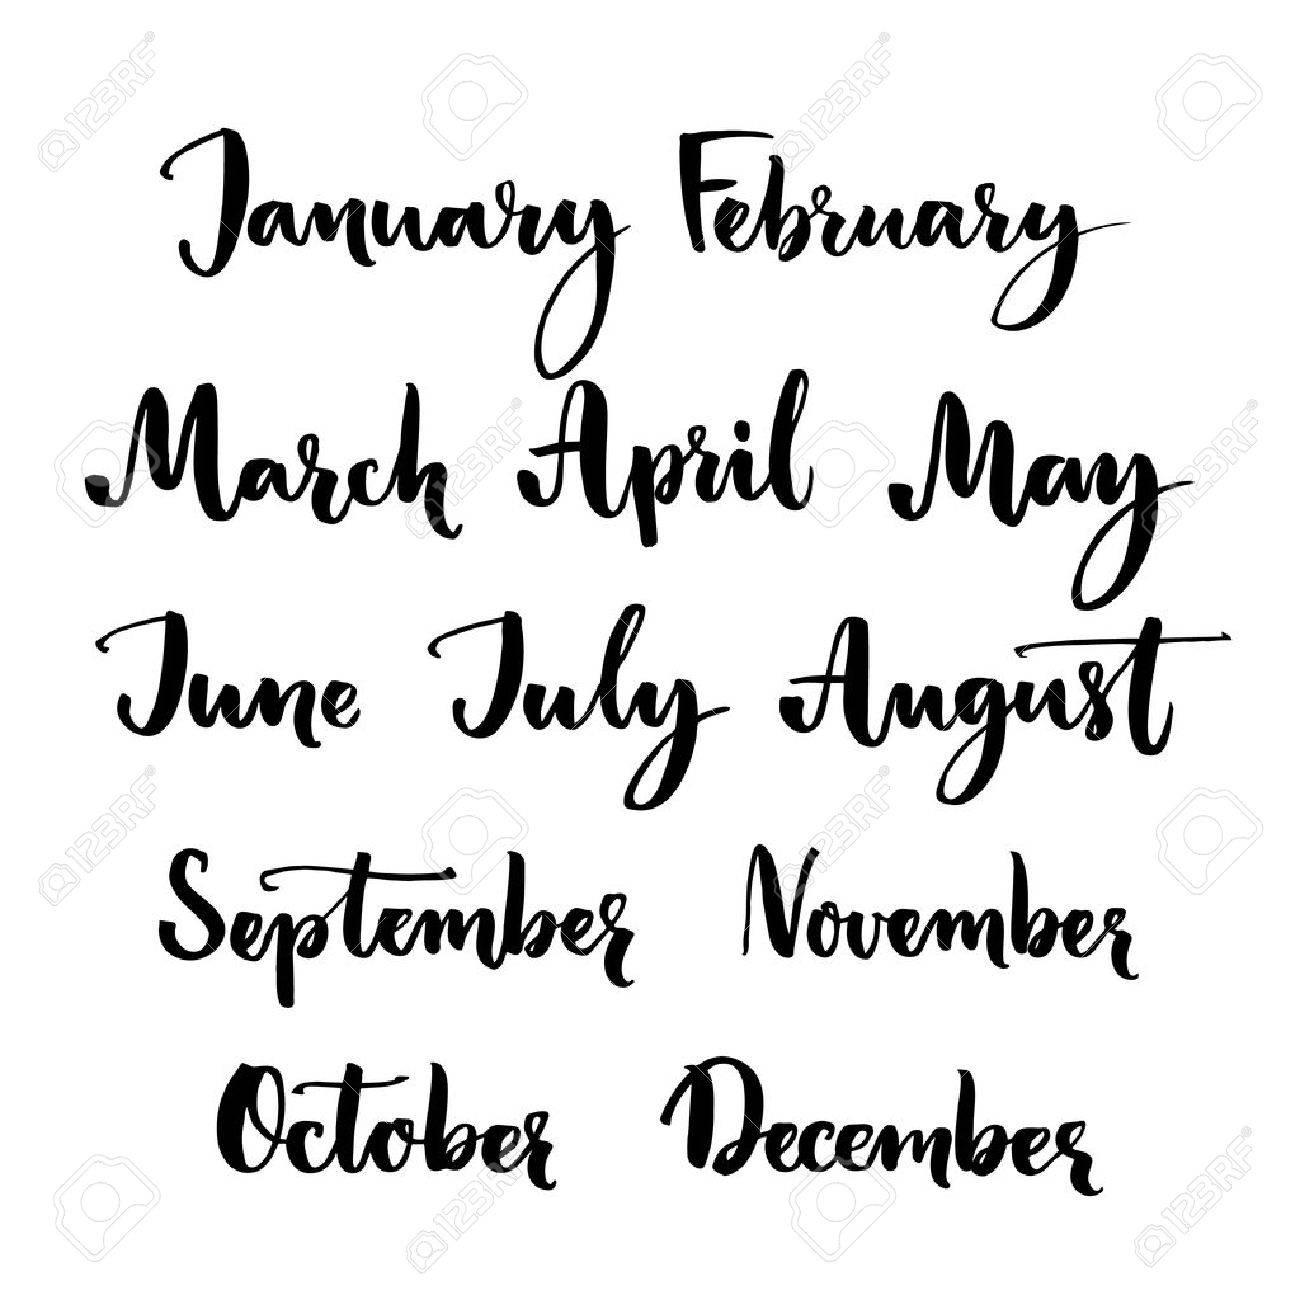 Manuscrito Meses Del Año Enero Febrero Marzo Abril Mayo Junio